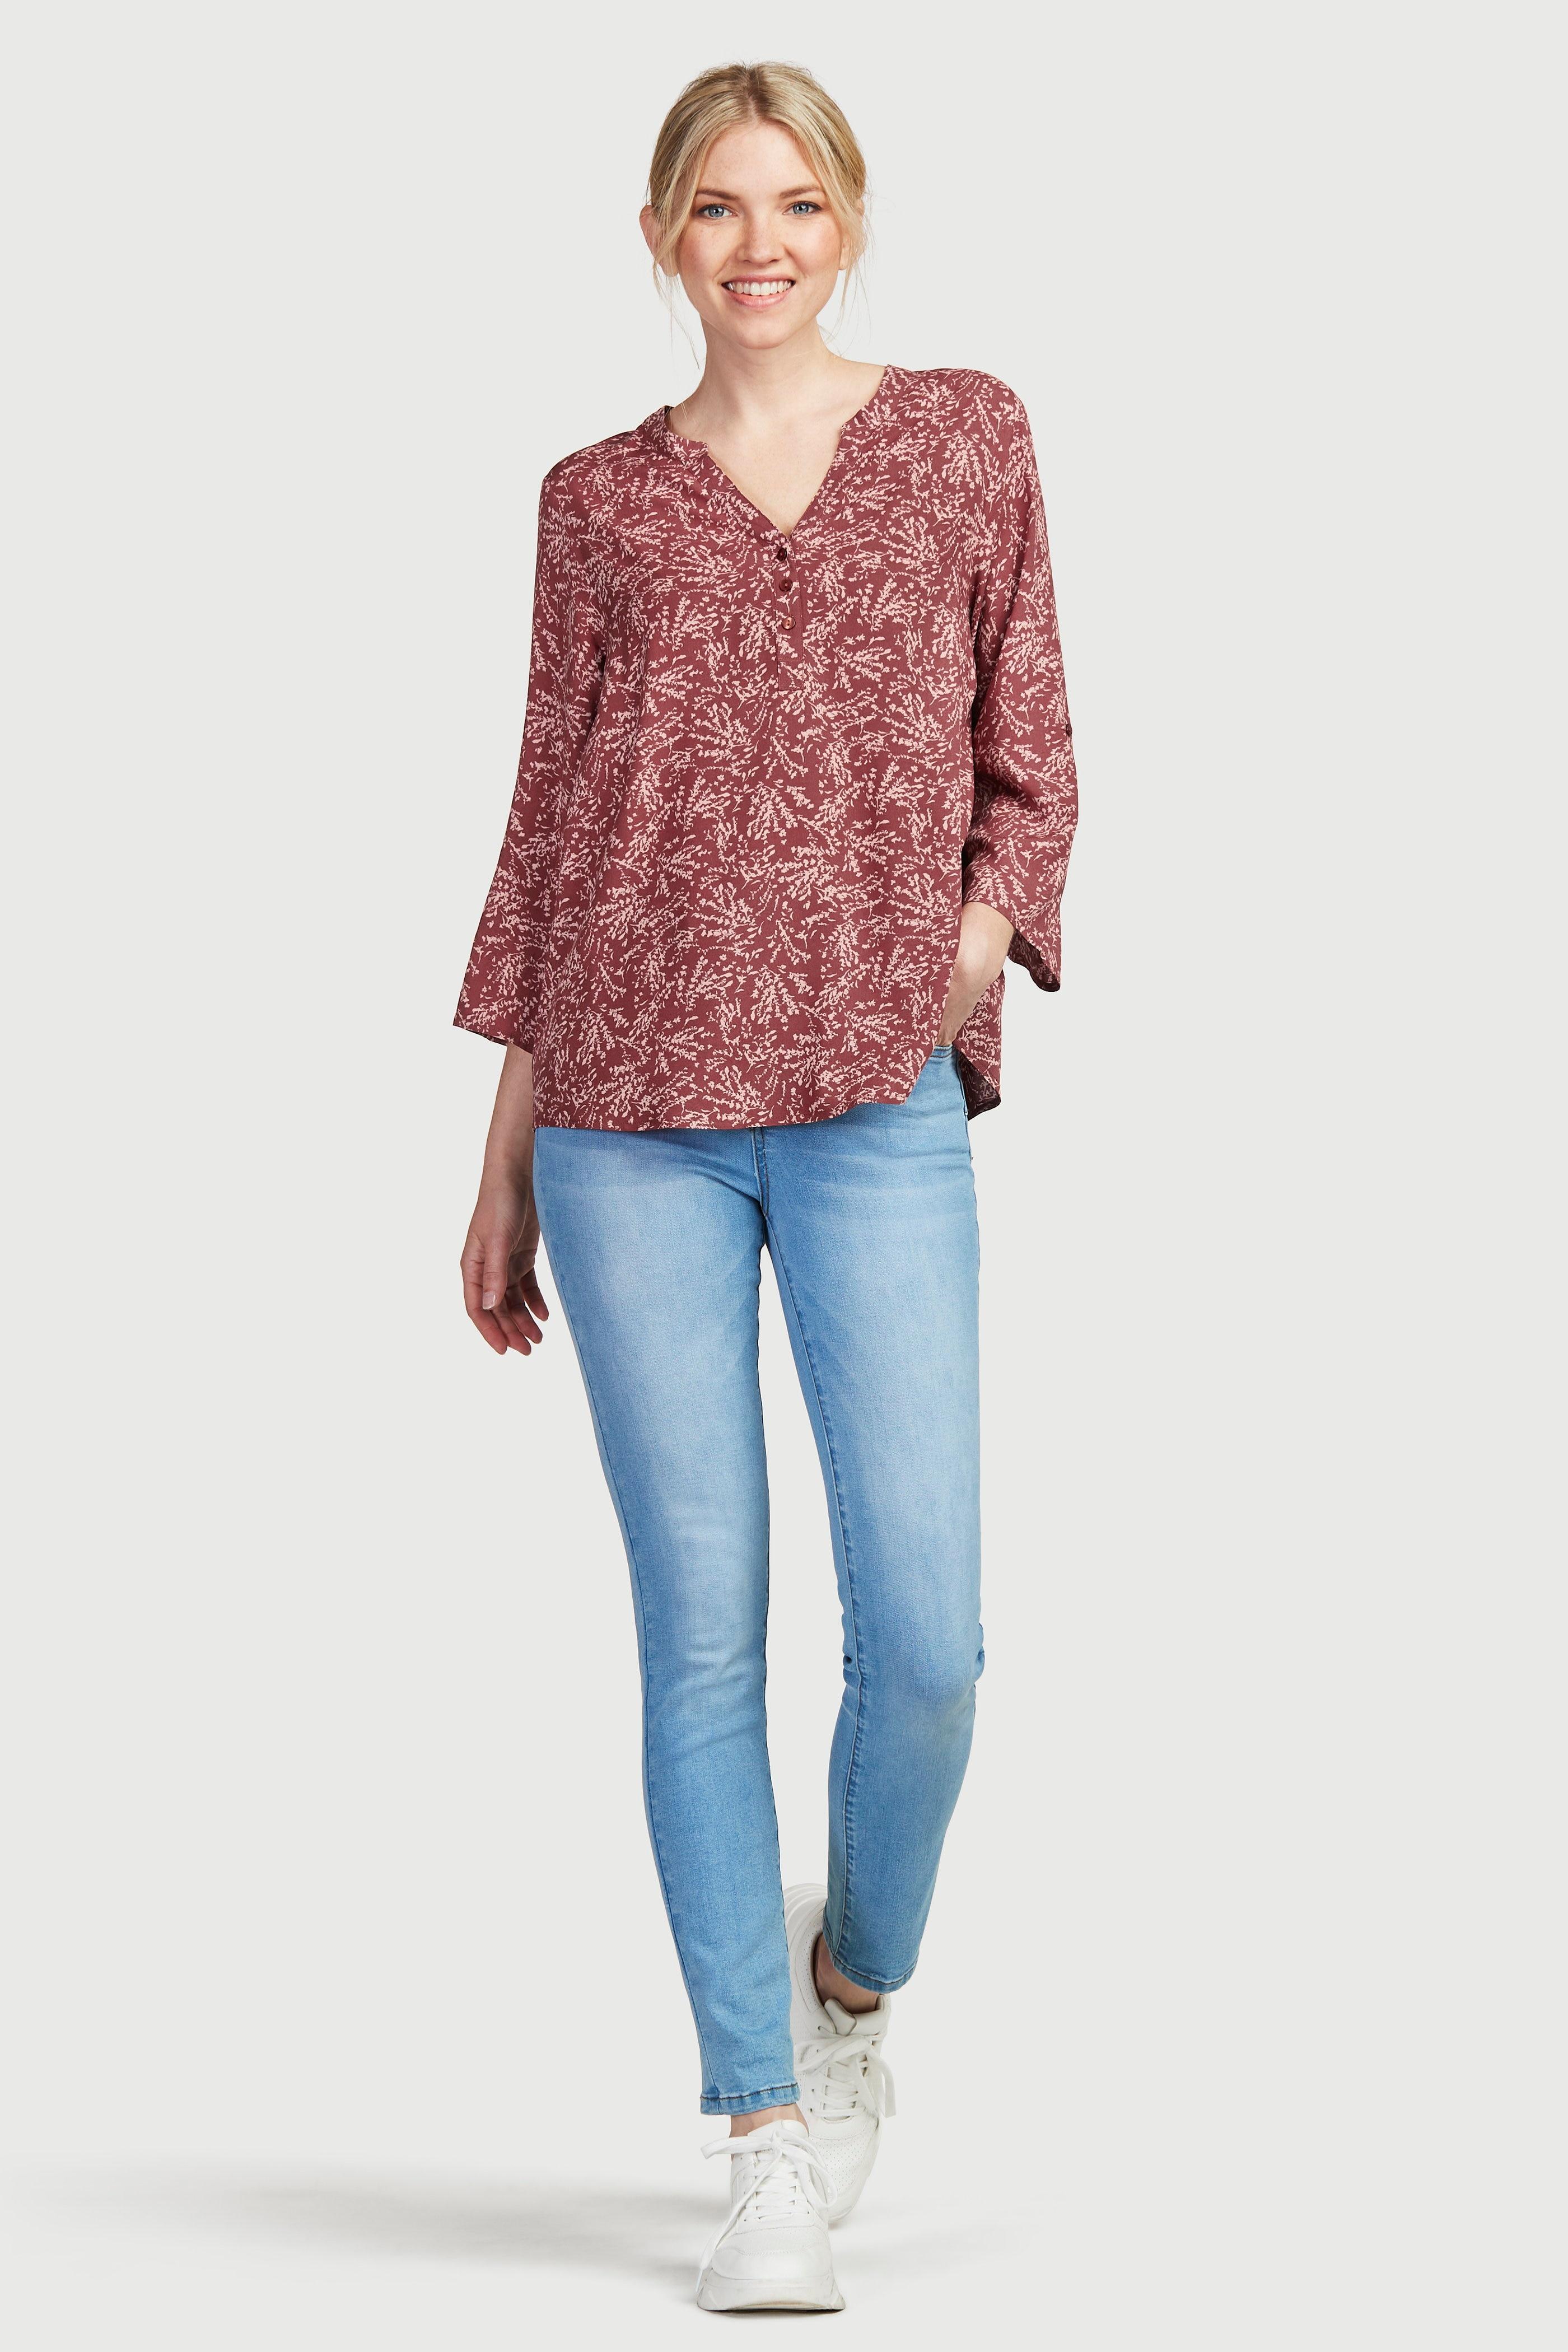 Augumu modelējoši džinsi ar paaugstinātu vidukli